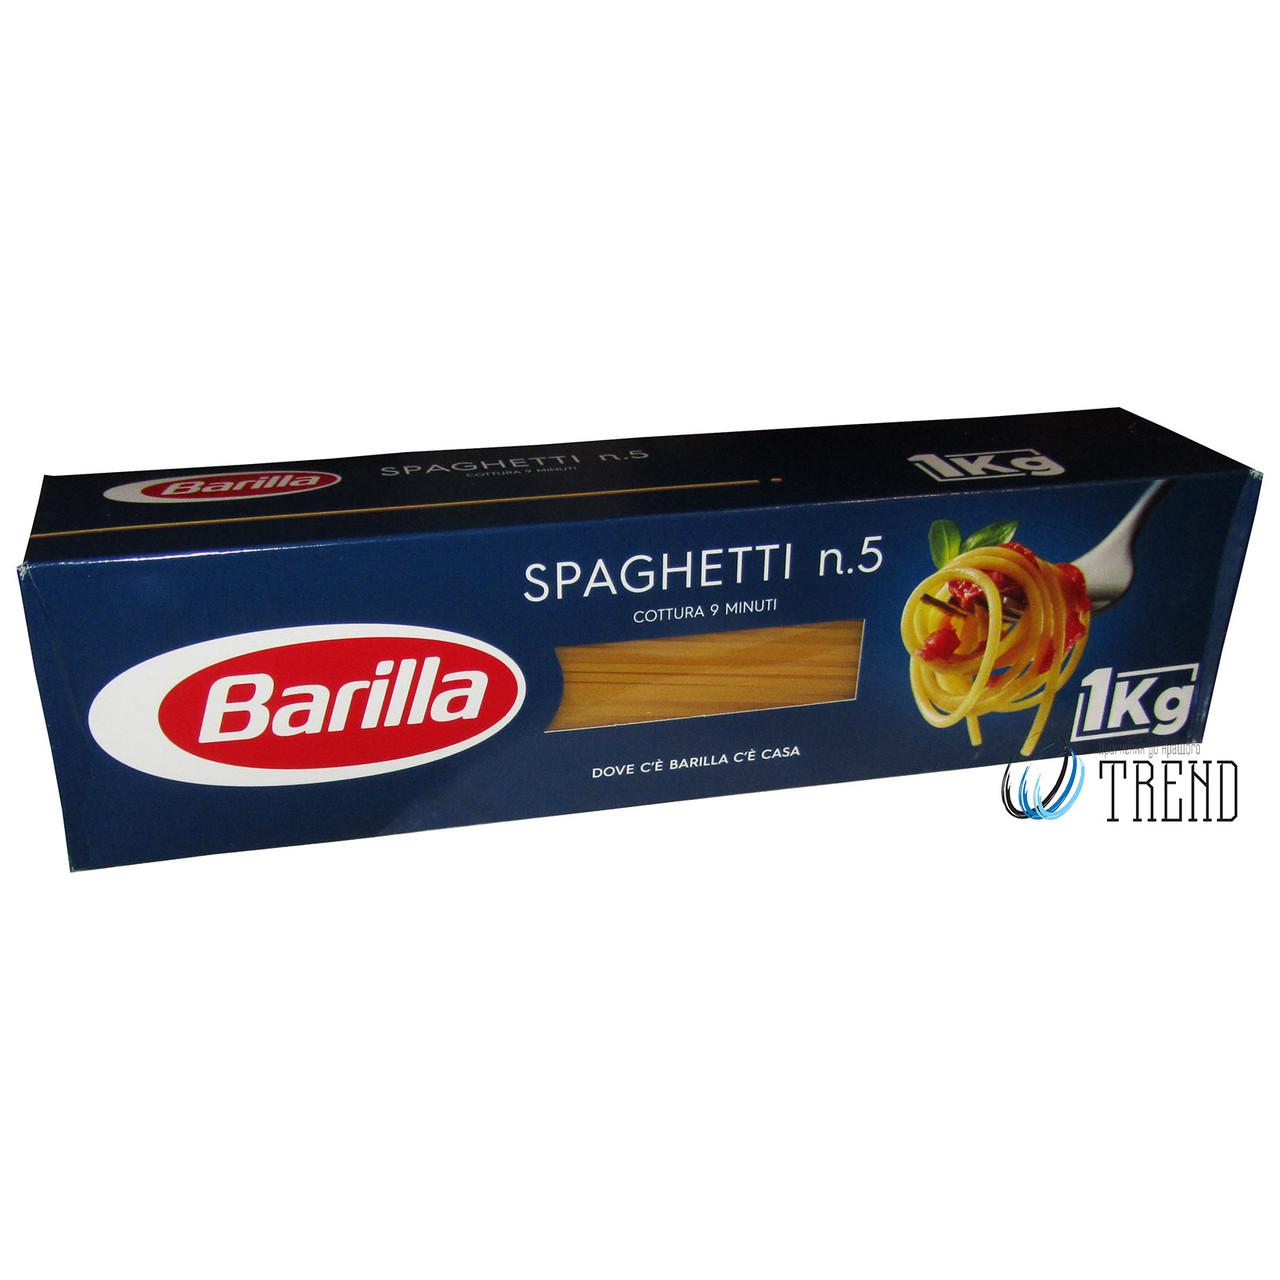 Макарони Barilla Spaghetti №5 спагетті 1 кг.